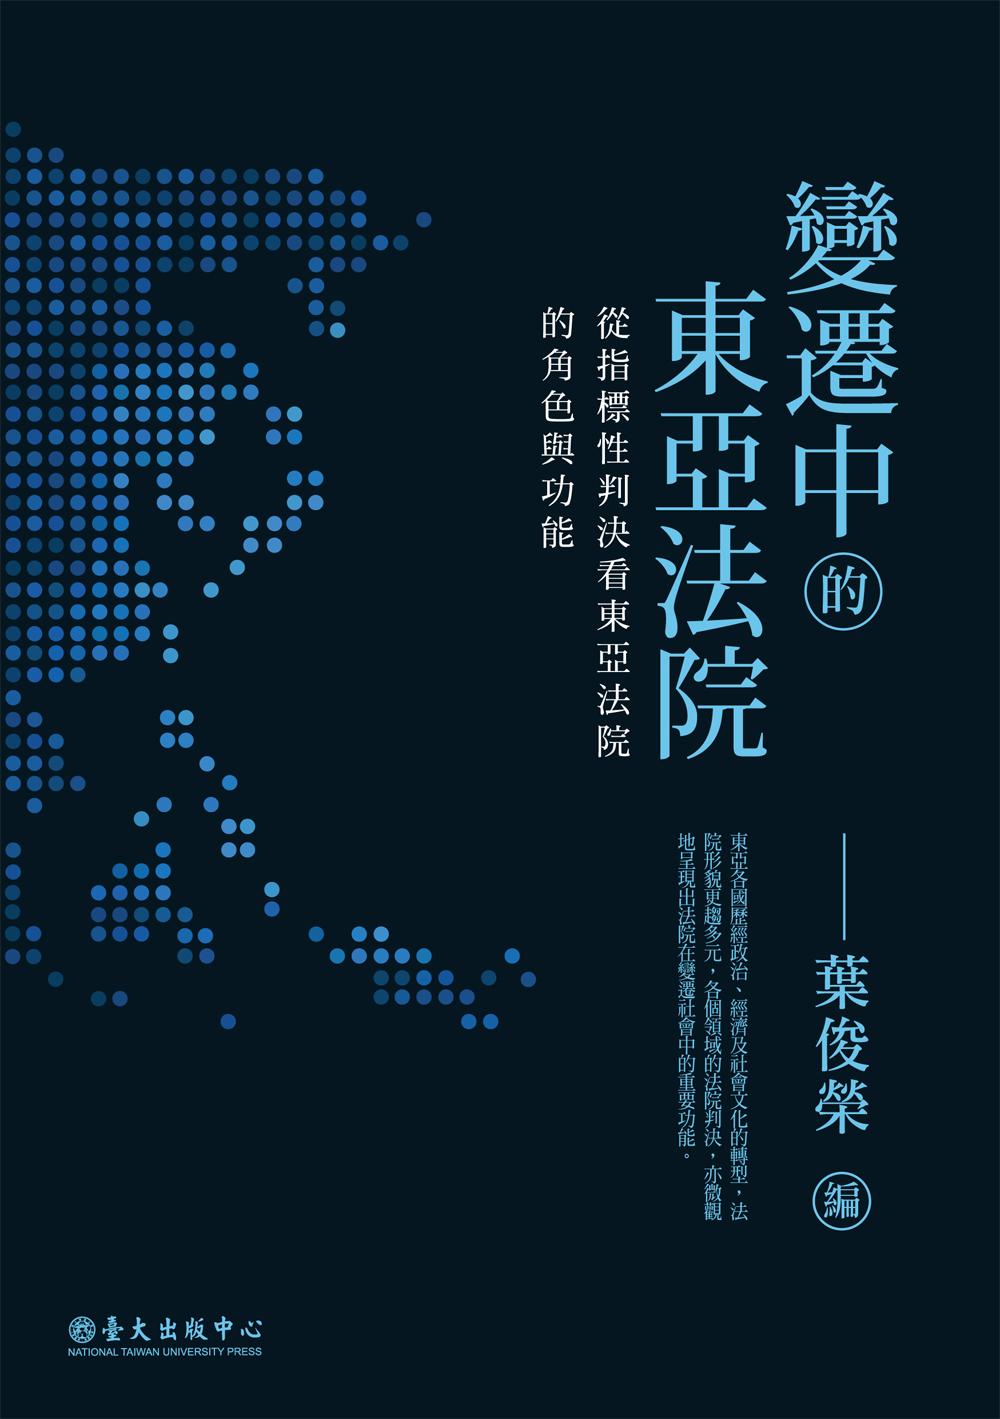 變遷中的東亞法院──從指標性判決看東亞法院的角色與功能